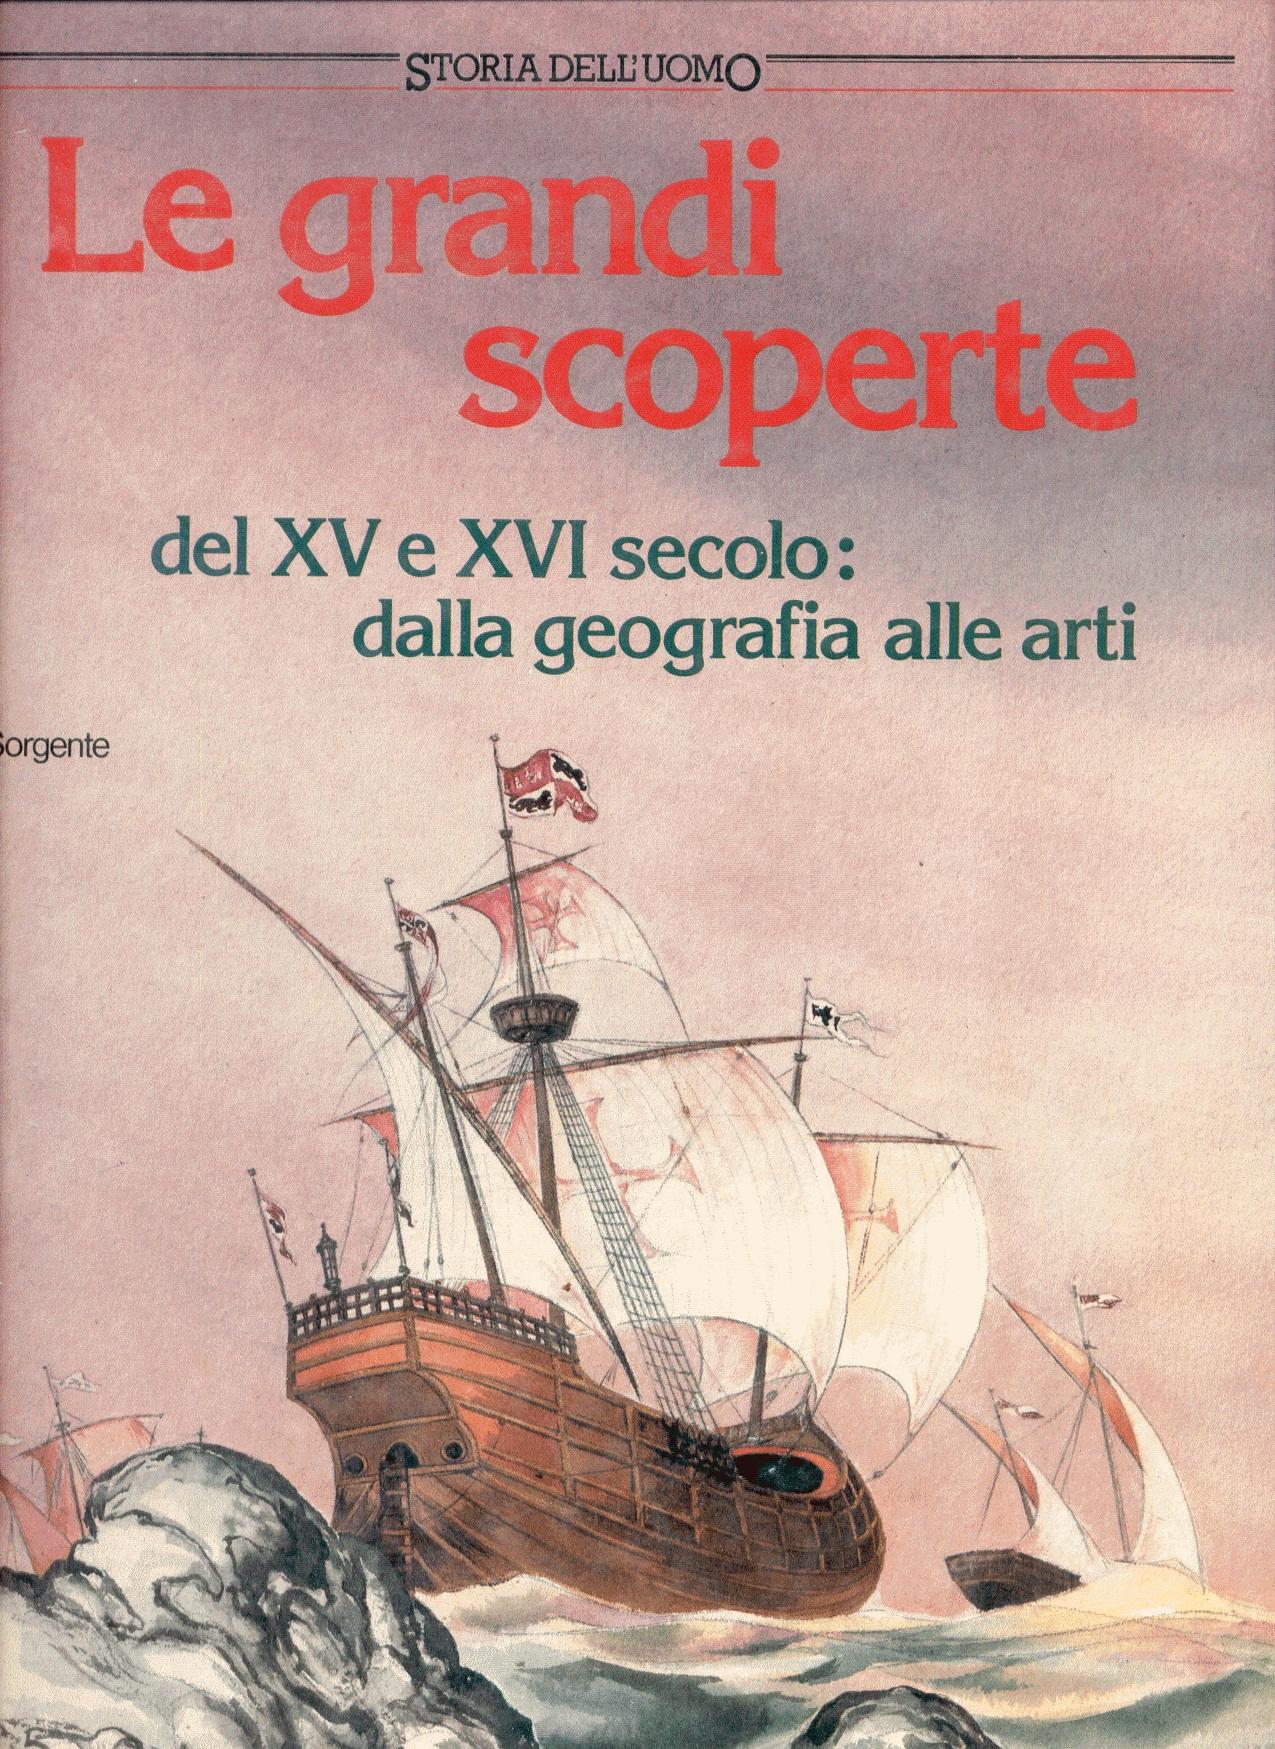 Le grandi scoperte del XV e XVI secolo